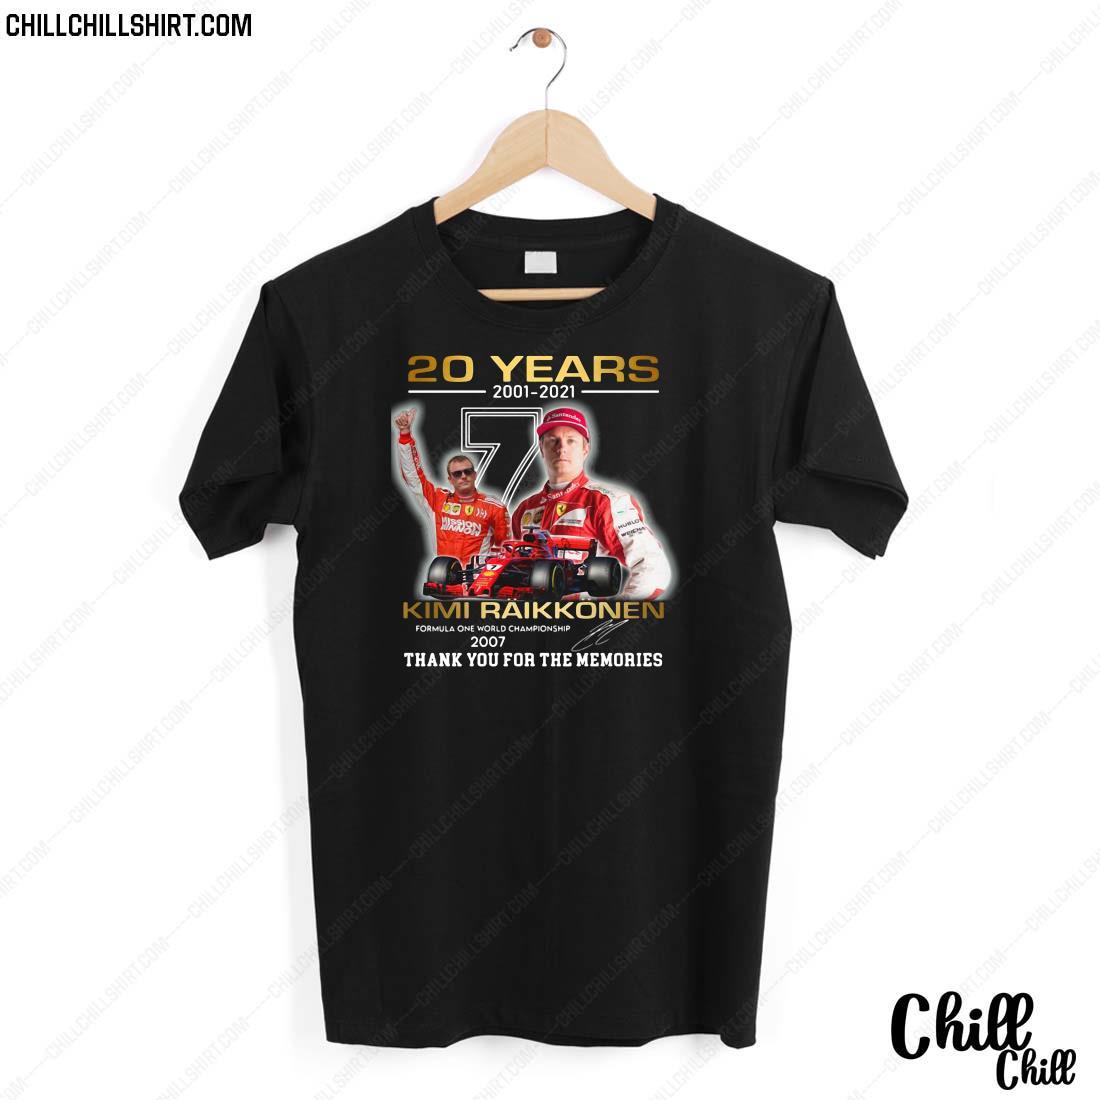 20 Years 2001-2021 Kimi Raikkonen Signature Thank You For The Memories Shirt